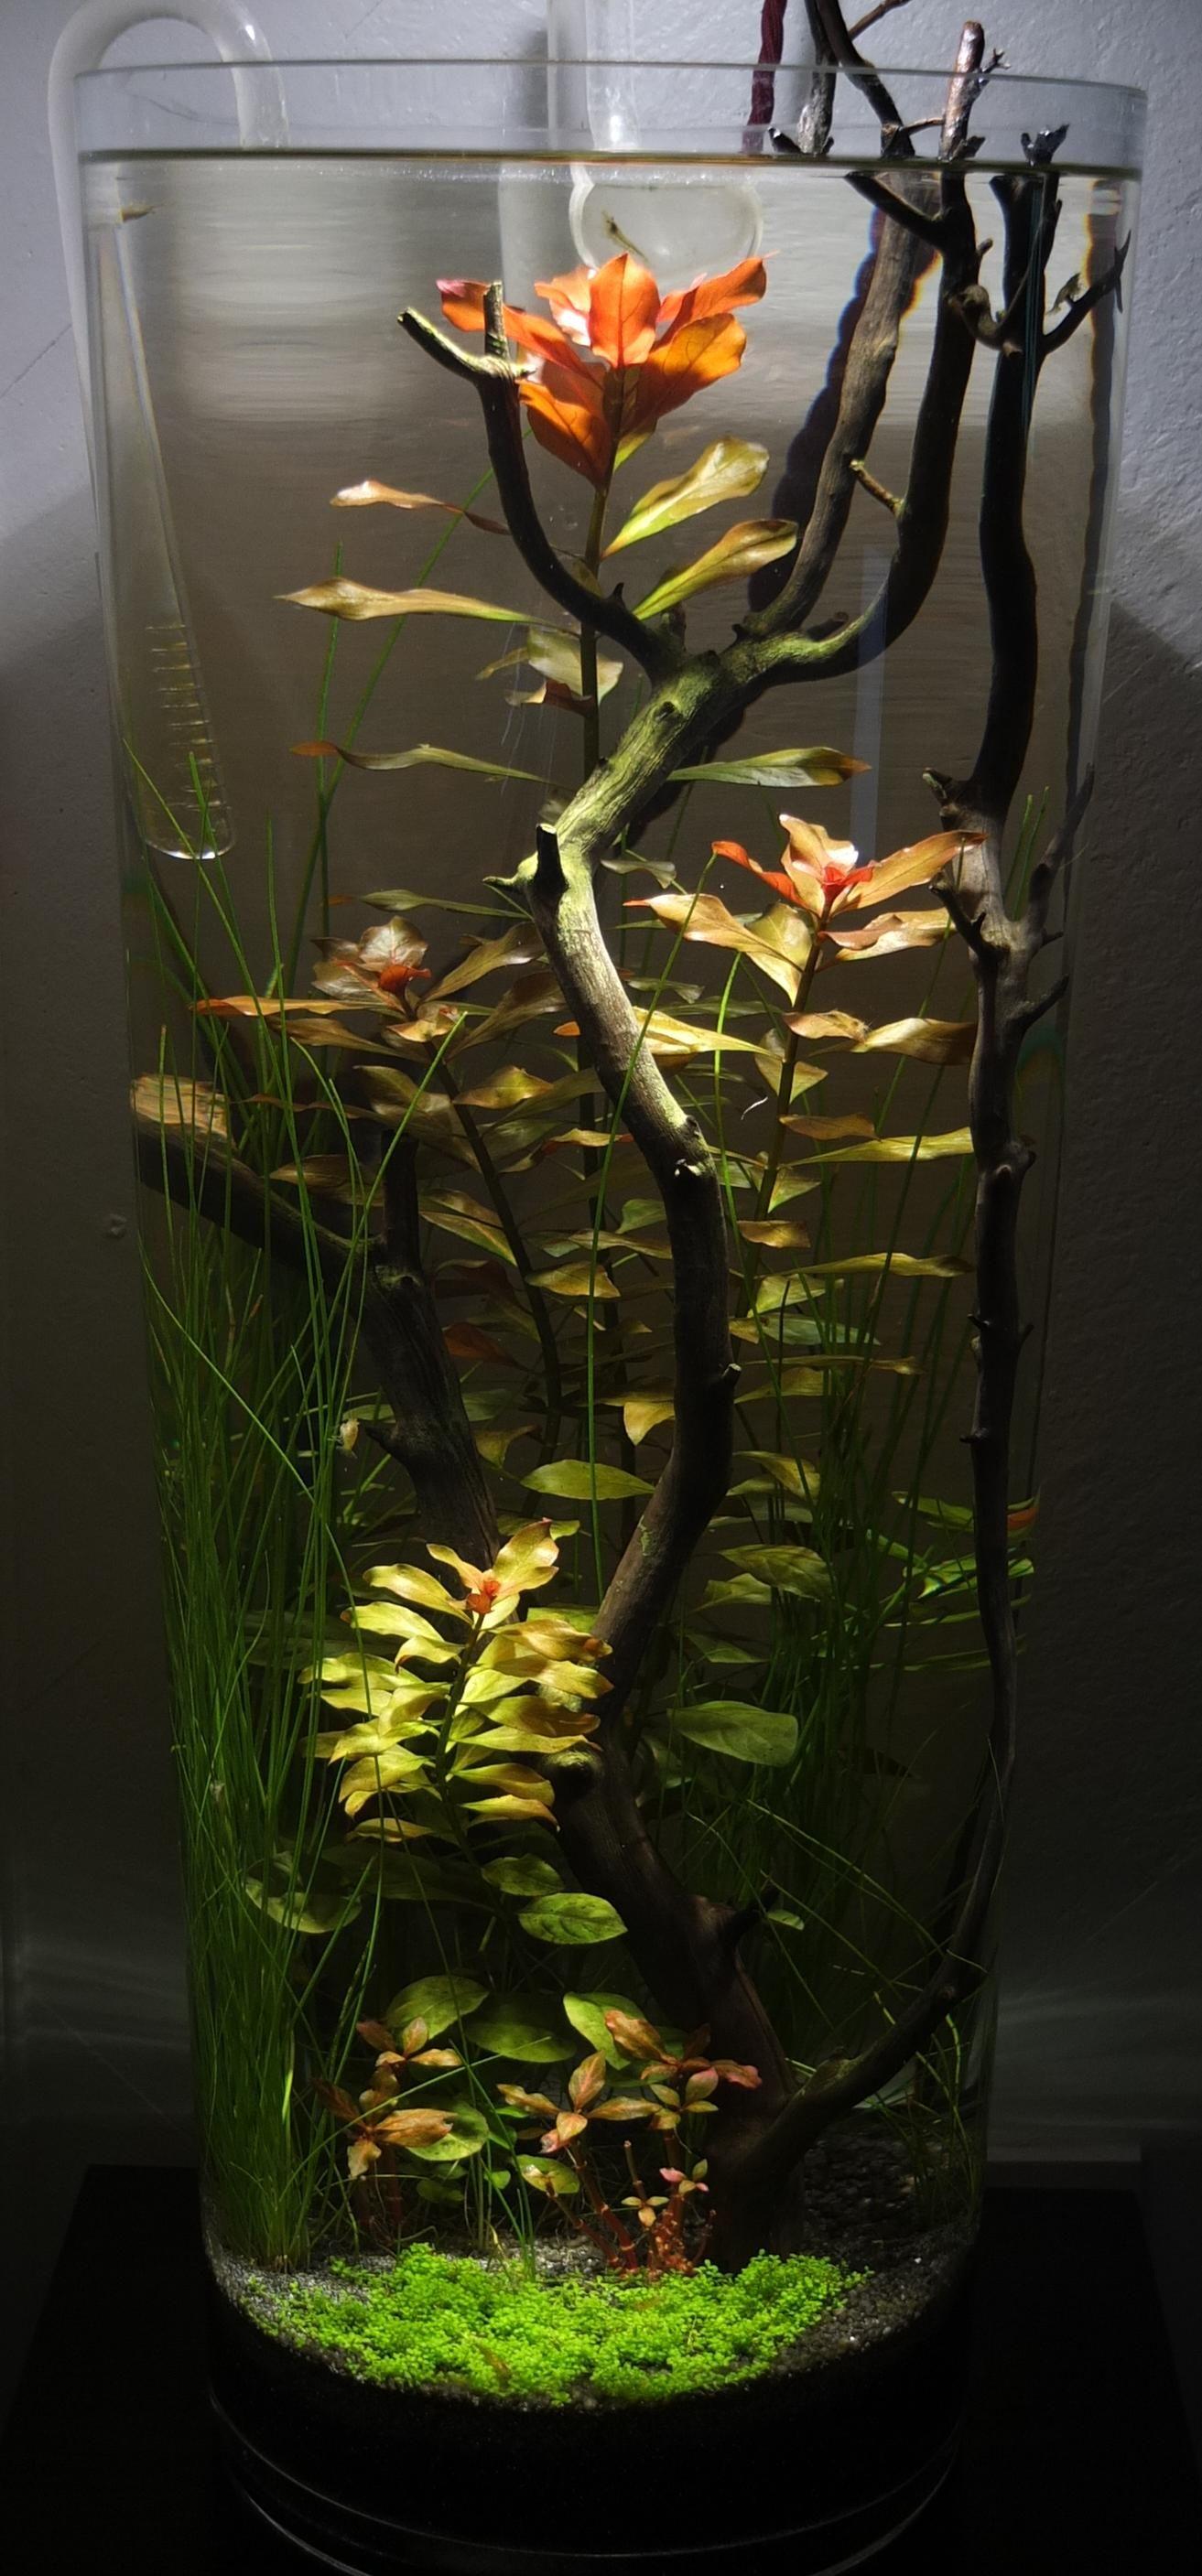 Vase Tank Months In Aquaria Aquarium Cool